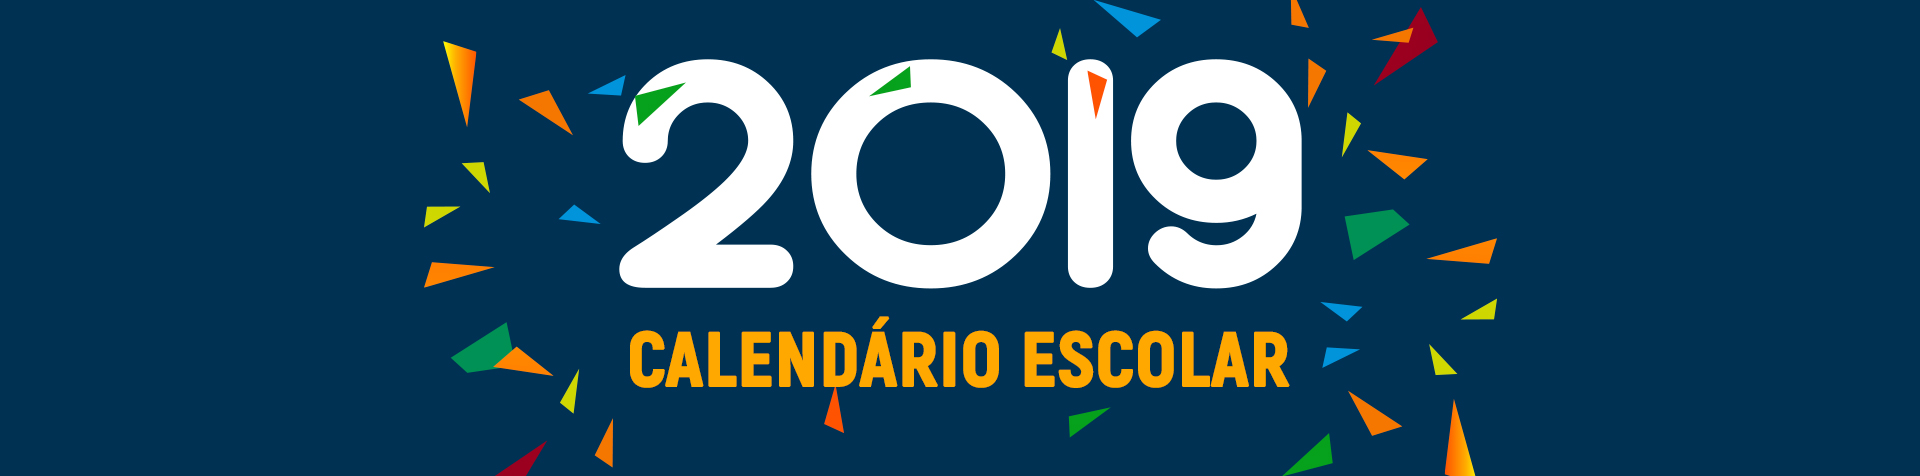 slide_calendar_2019